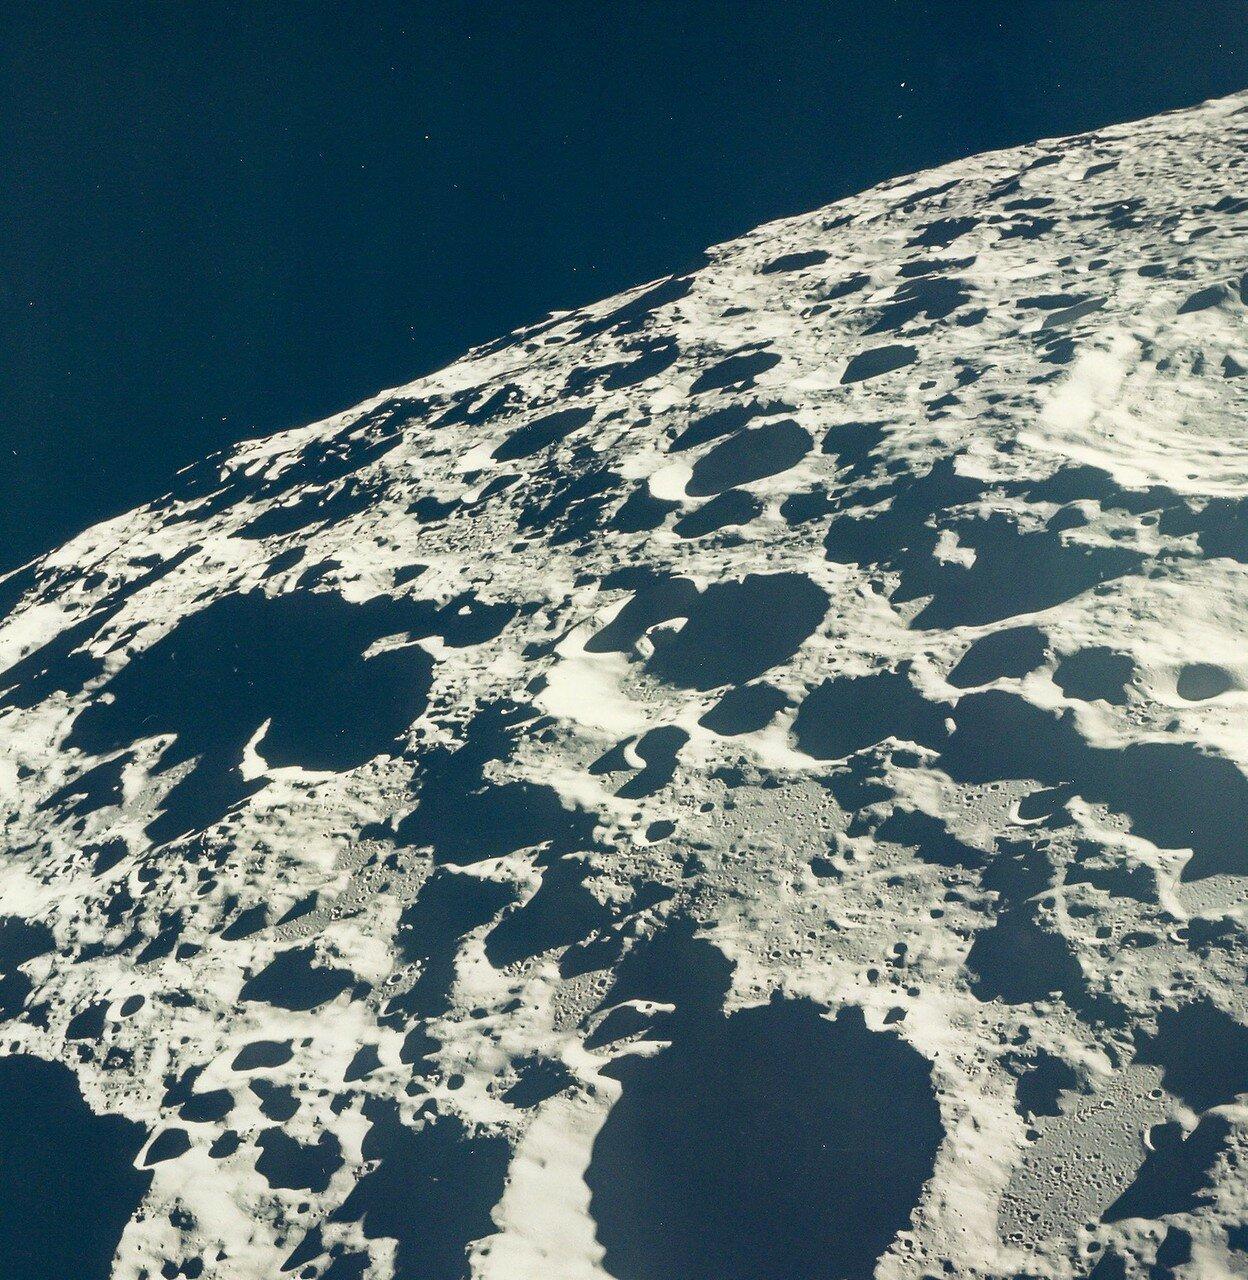 Примерно через час после взлёта, когда оба корабля находились над обратной стороной Луны, Армстронг включил двигатели системы ориентации. На снимке: Обратная сторона Луны